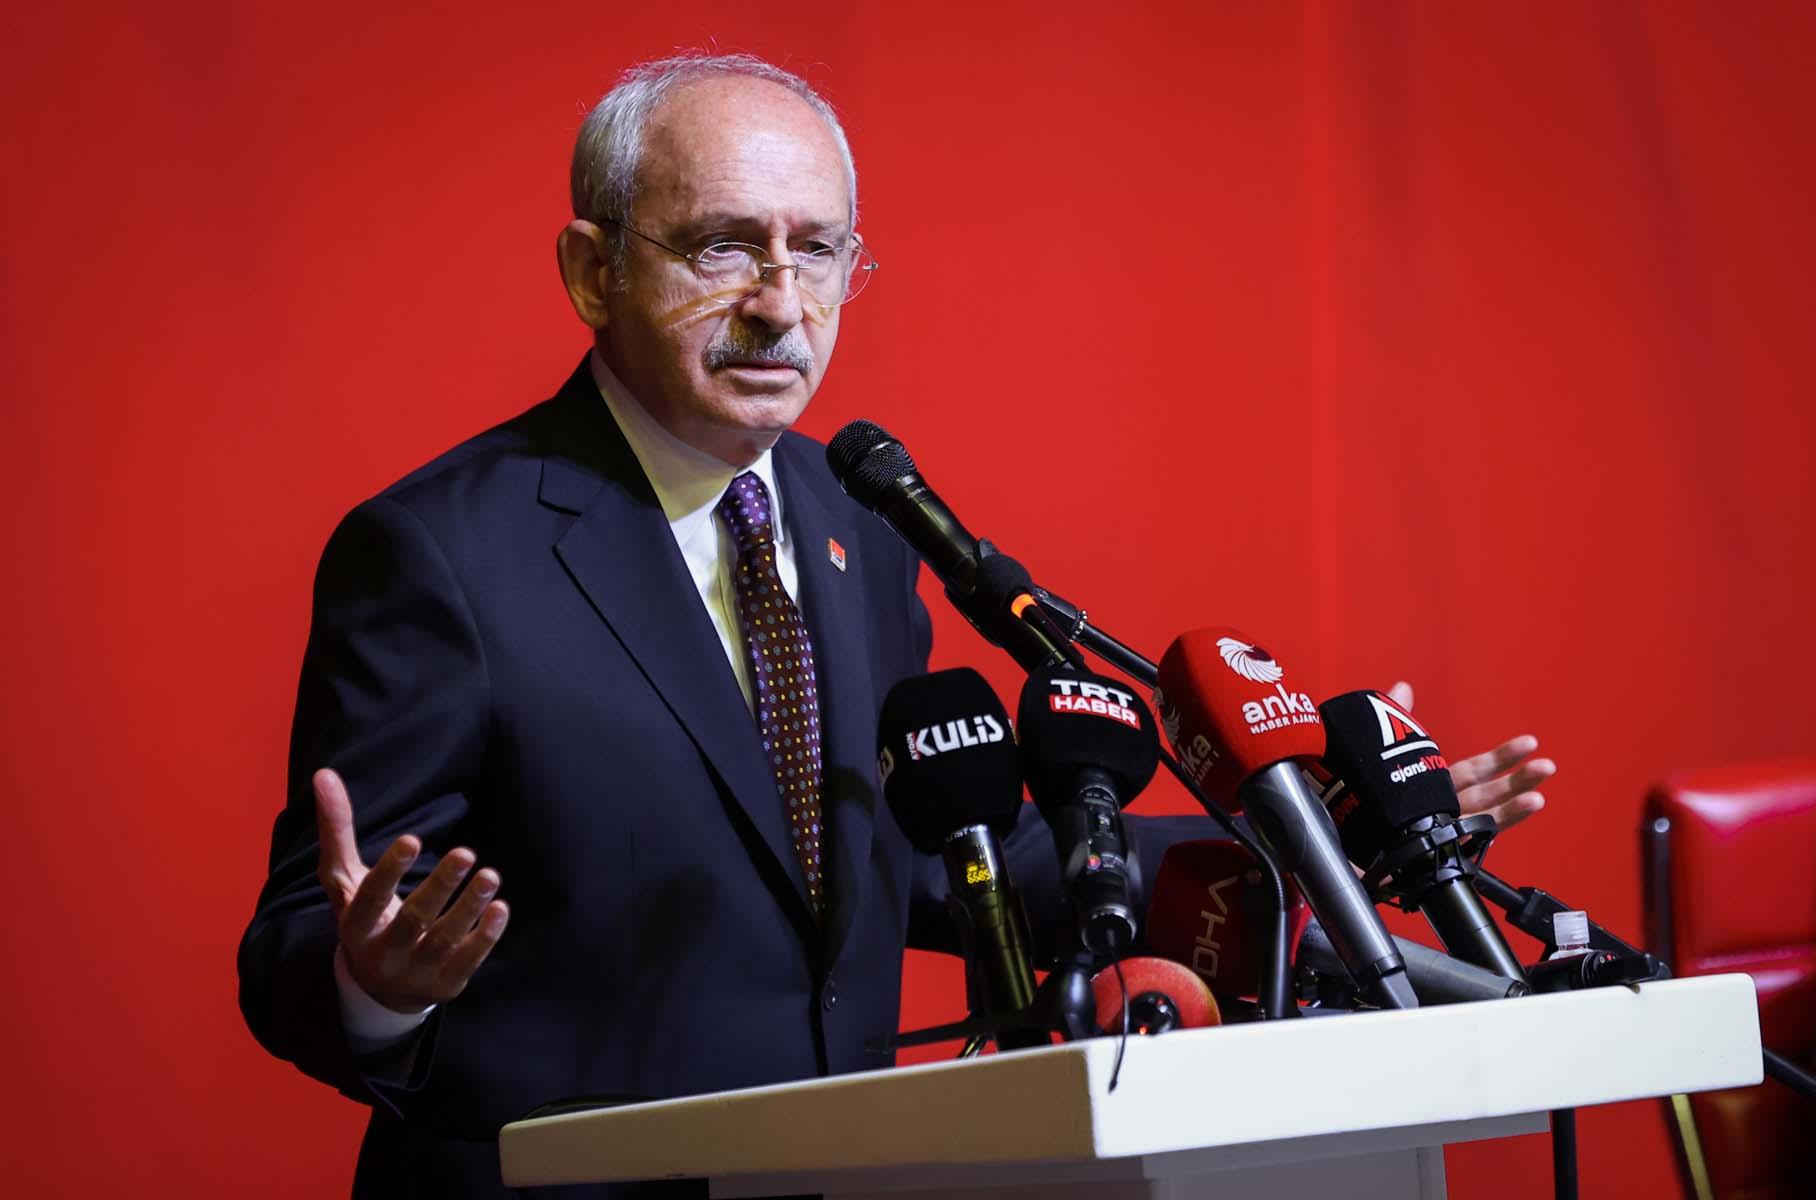 Açıklamasıyla Millet İttifakı'nı germişti! Kemal Kılıçdaroğlu'ndan bomba Bülent Kuşoğlu hamlesi